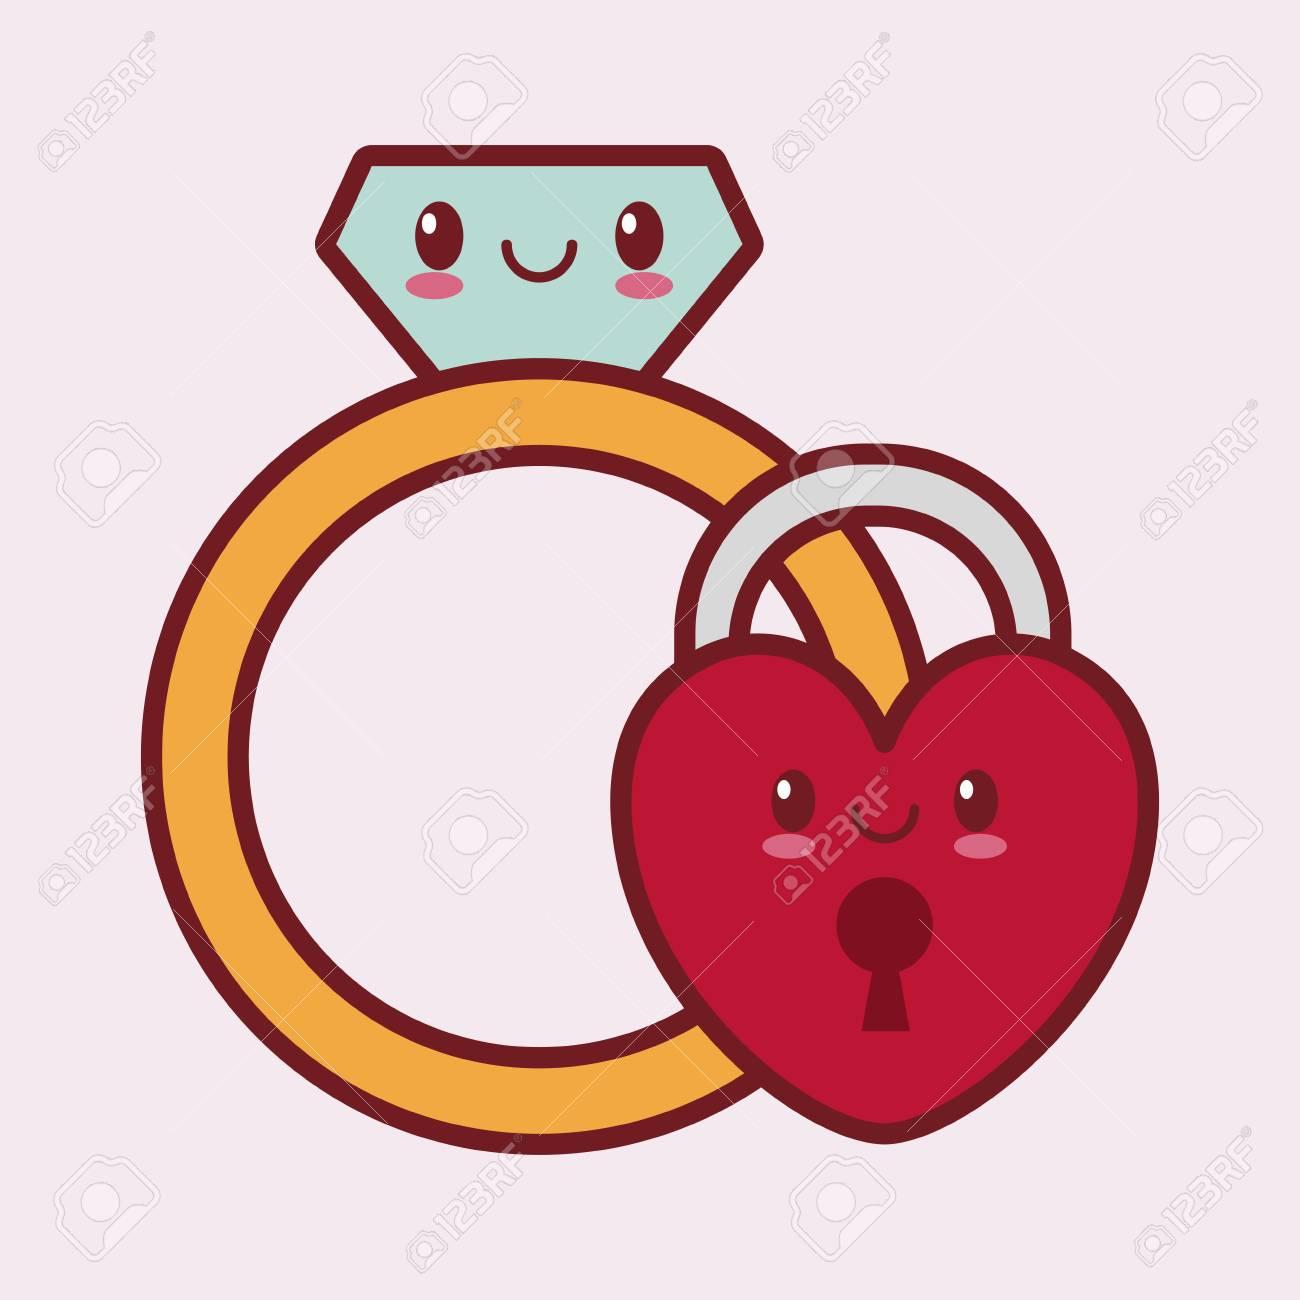 Coeur De Style Kawaii Lié Dessin Animé Icône Saint Valentin D'image  Illustration Vectorielle Design destiné Dessin Pour La Saint Valentin